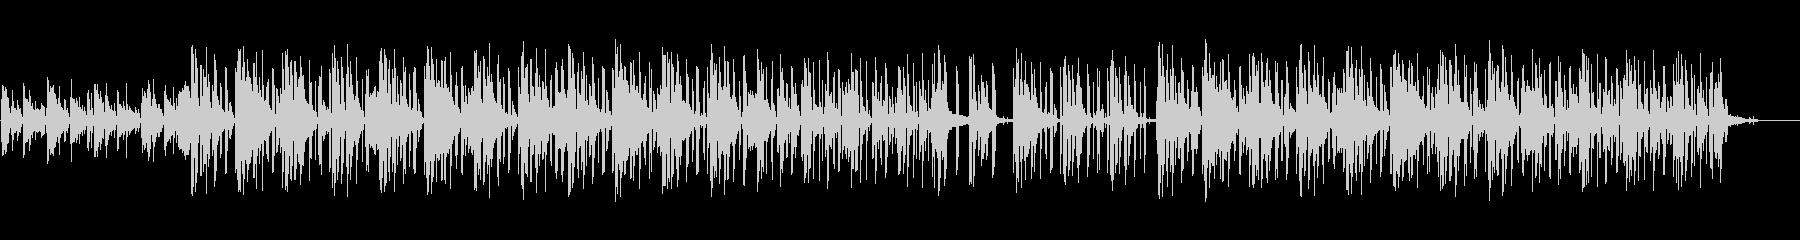 ピアノの旋律が印象的なヒップホップの未再生の波形